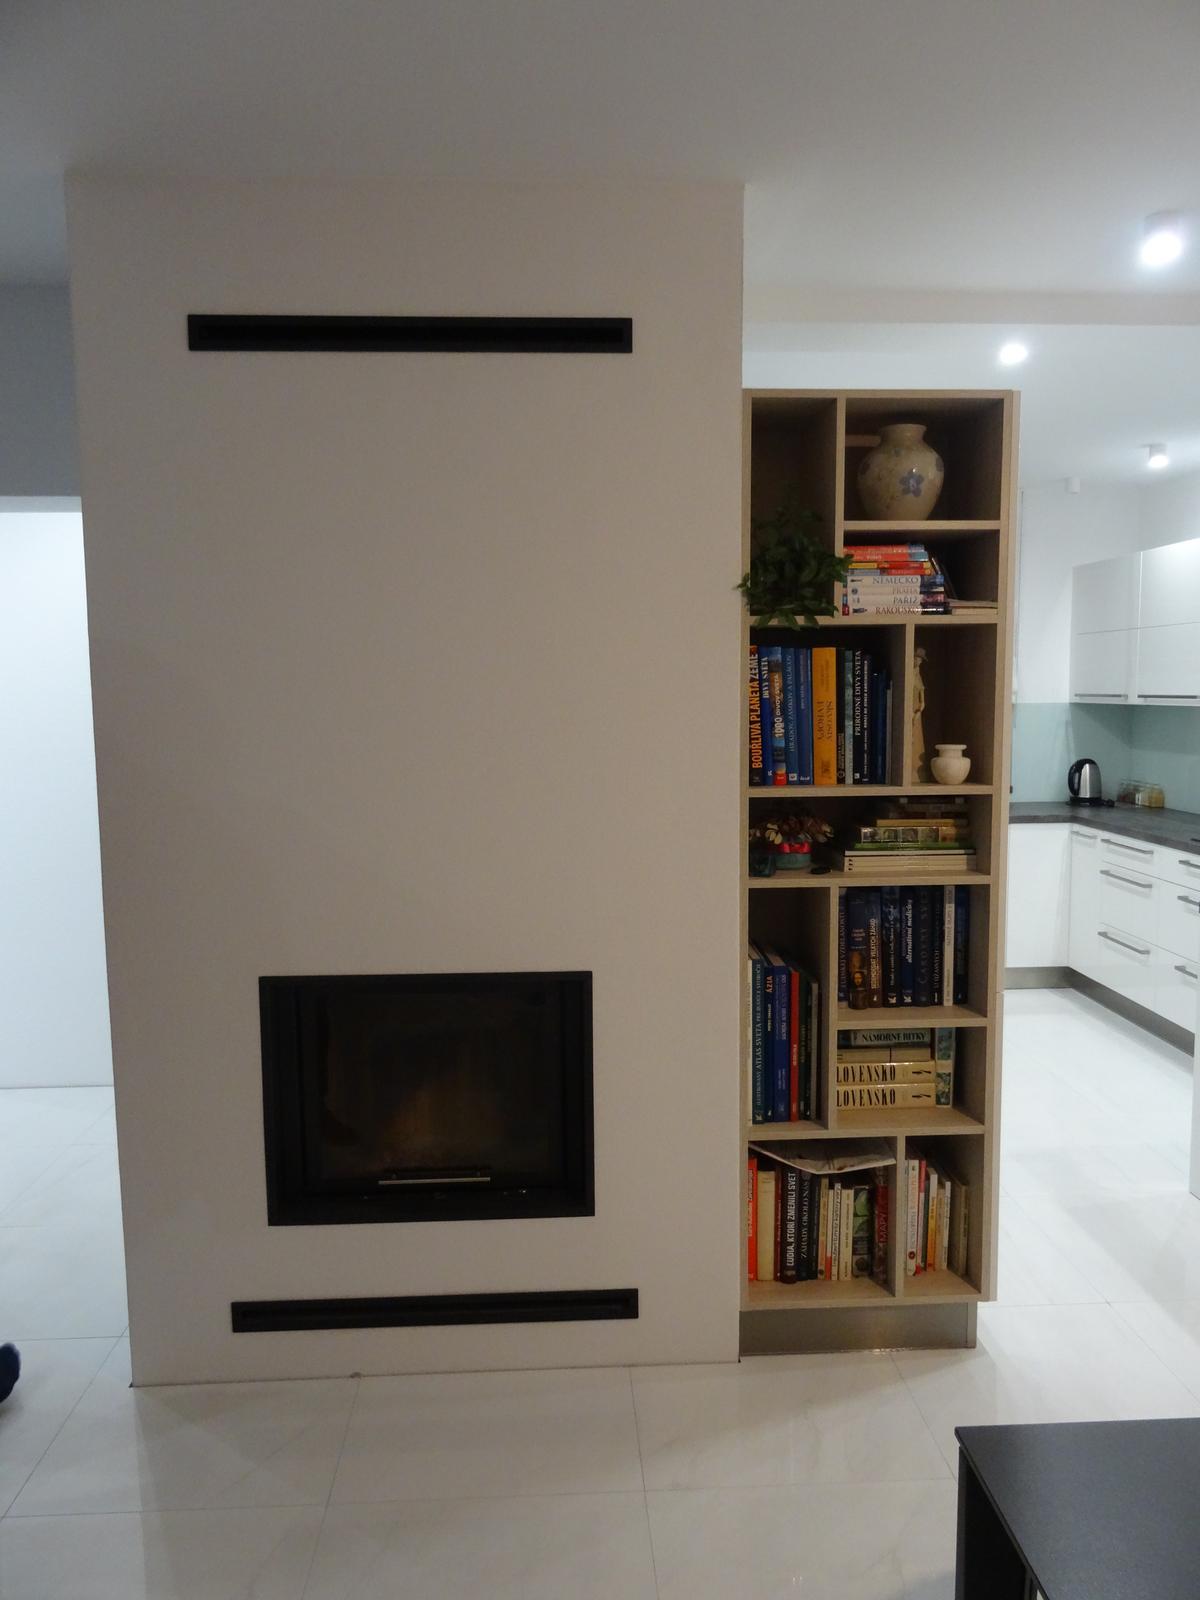 Realizované kuchyne-rodinný dom 2 - Realizácia kuchynskej linky do rodinného domu - Budča - akryl vysoký lesk -obr.2